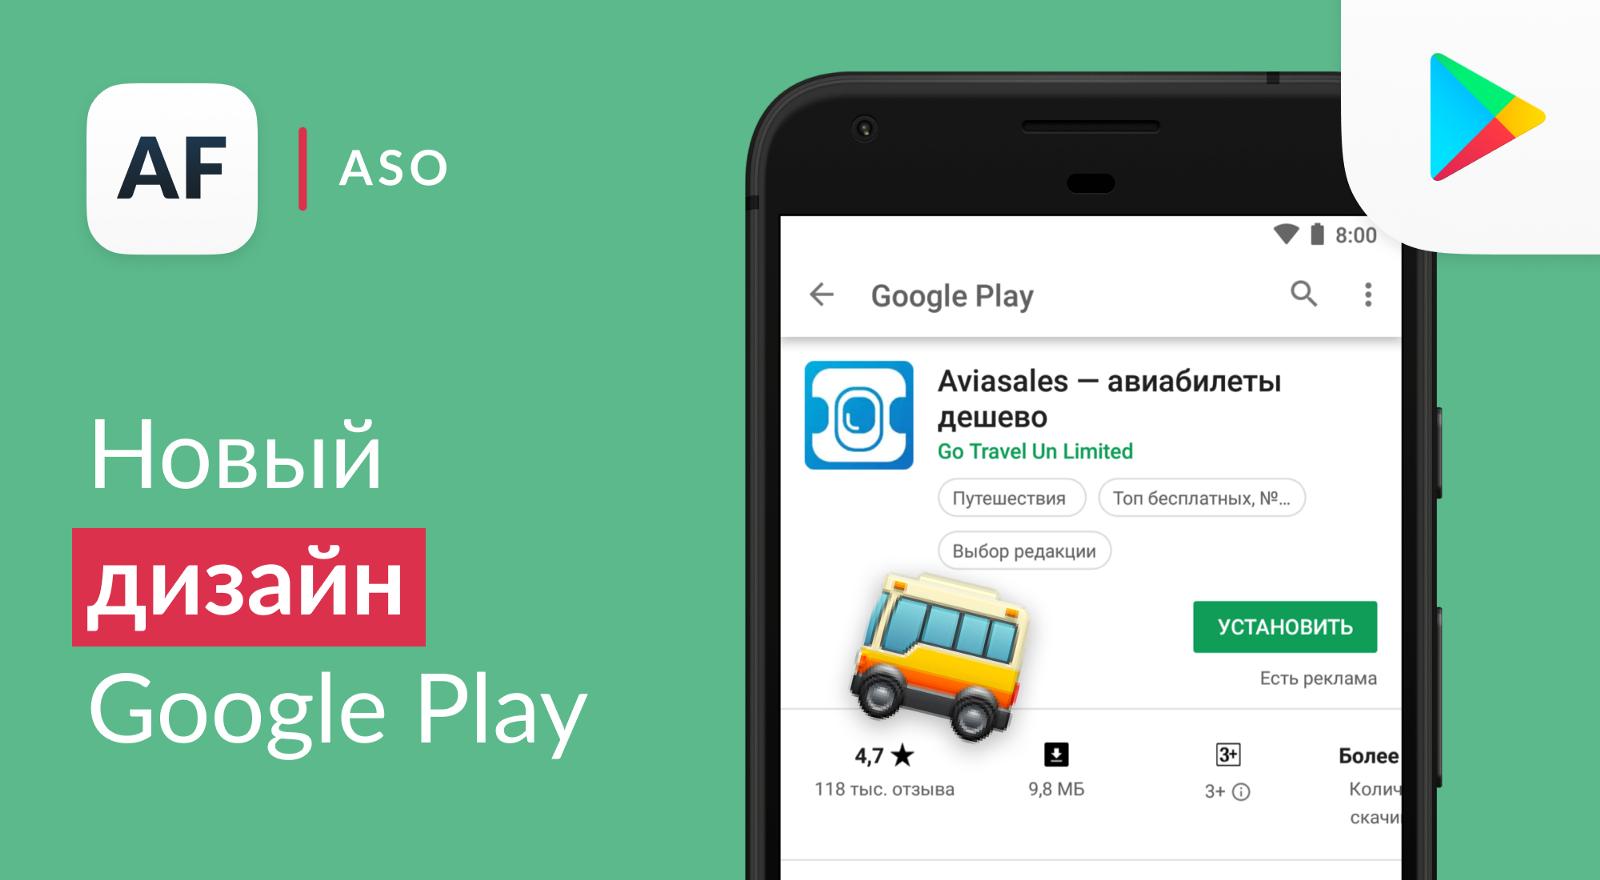 Большое обновление интерфейса Google Play с точки зрения ASO